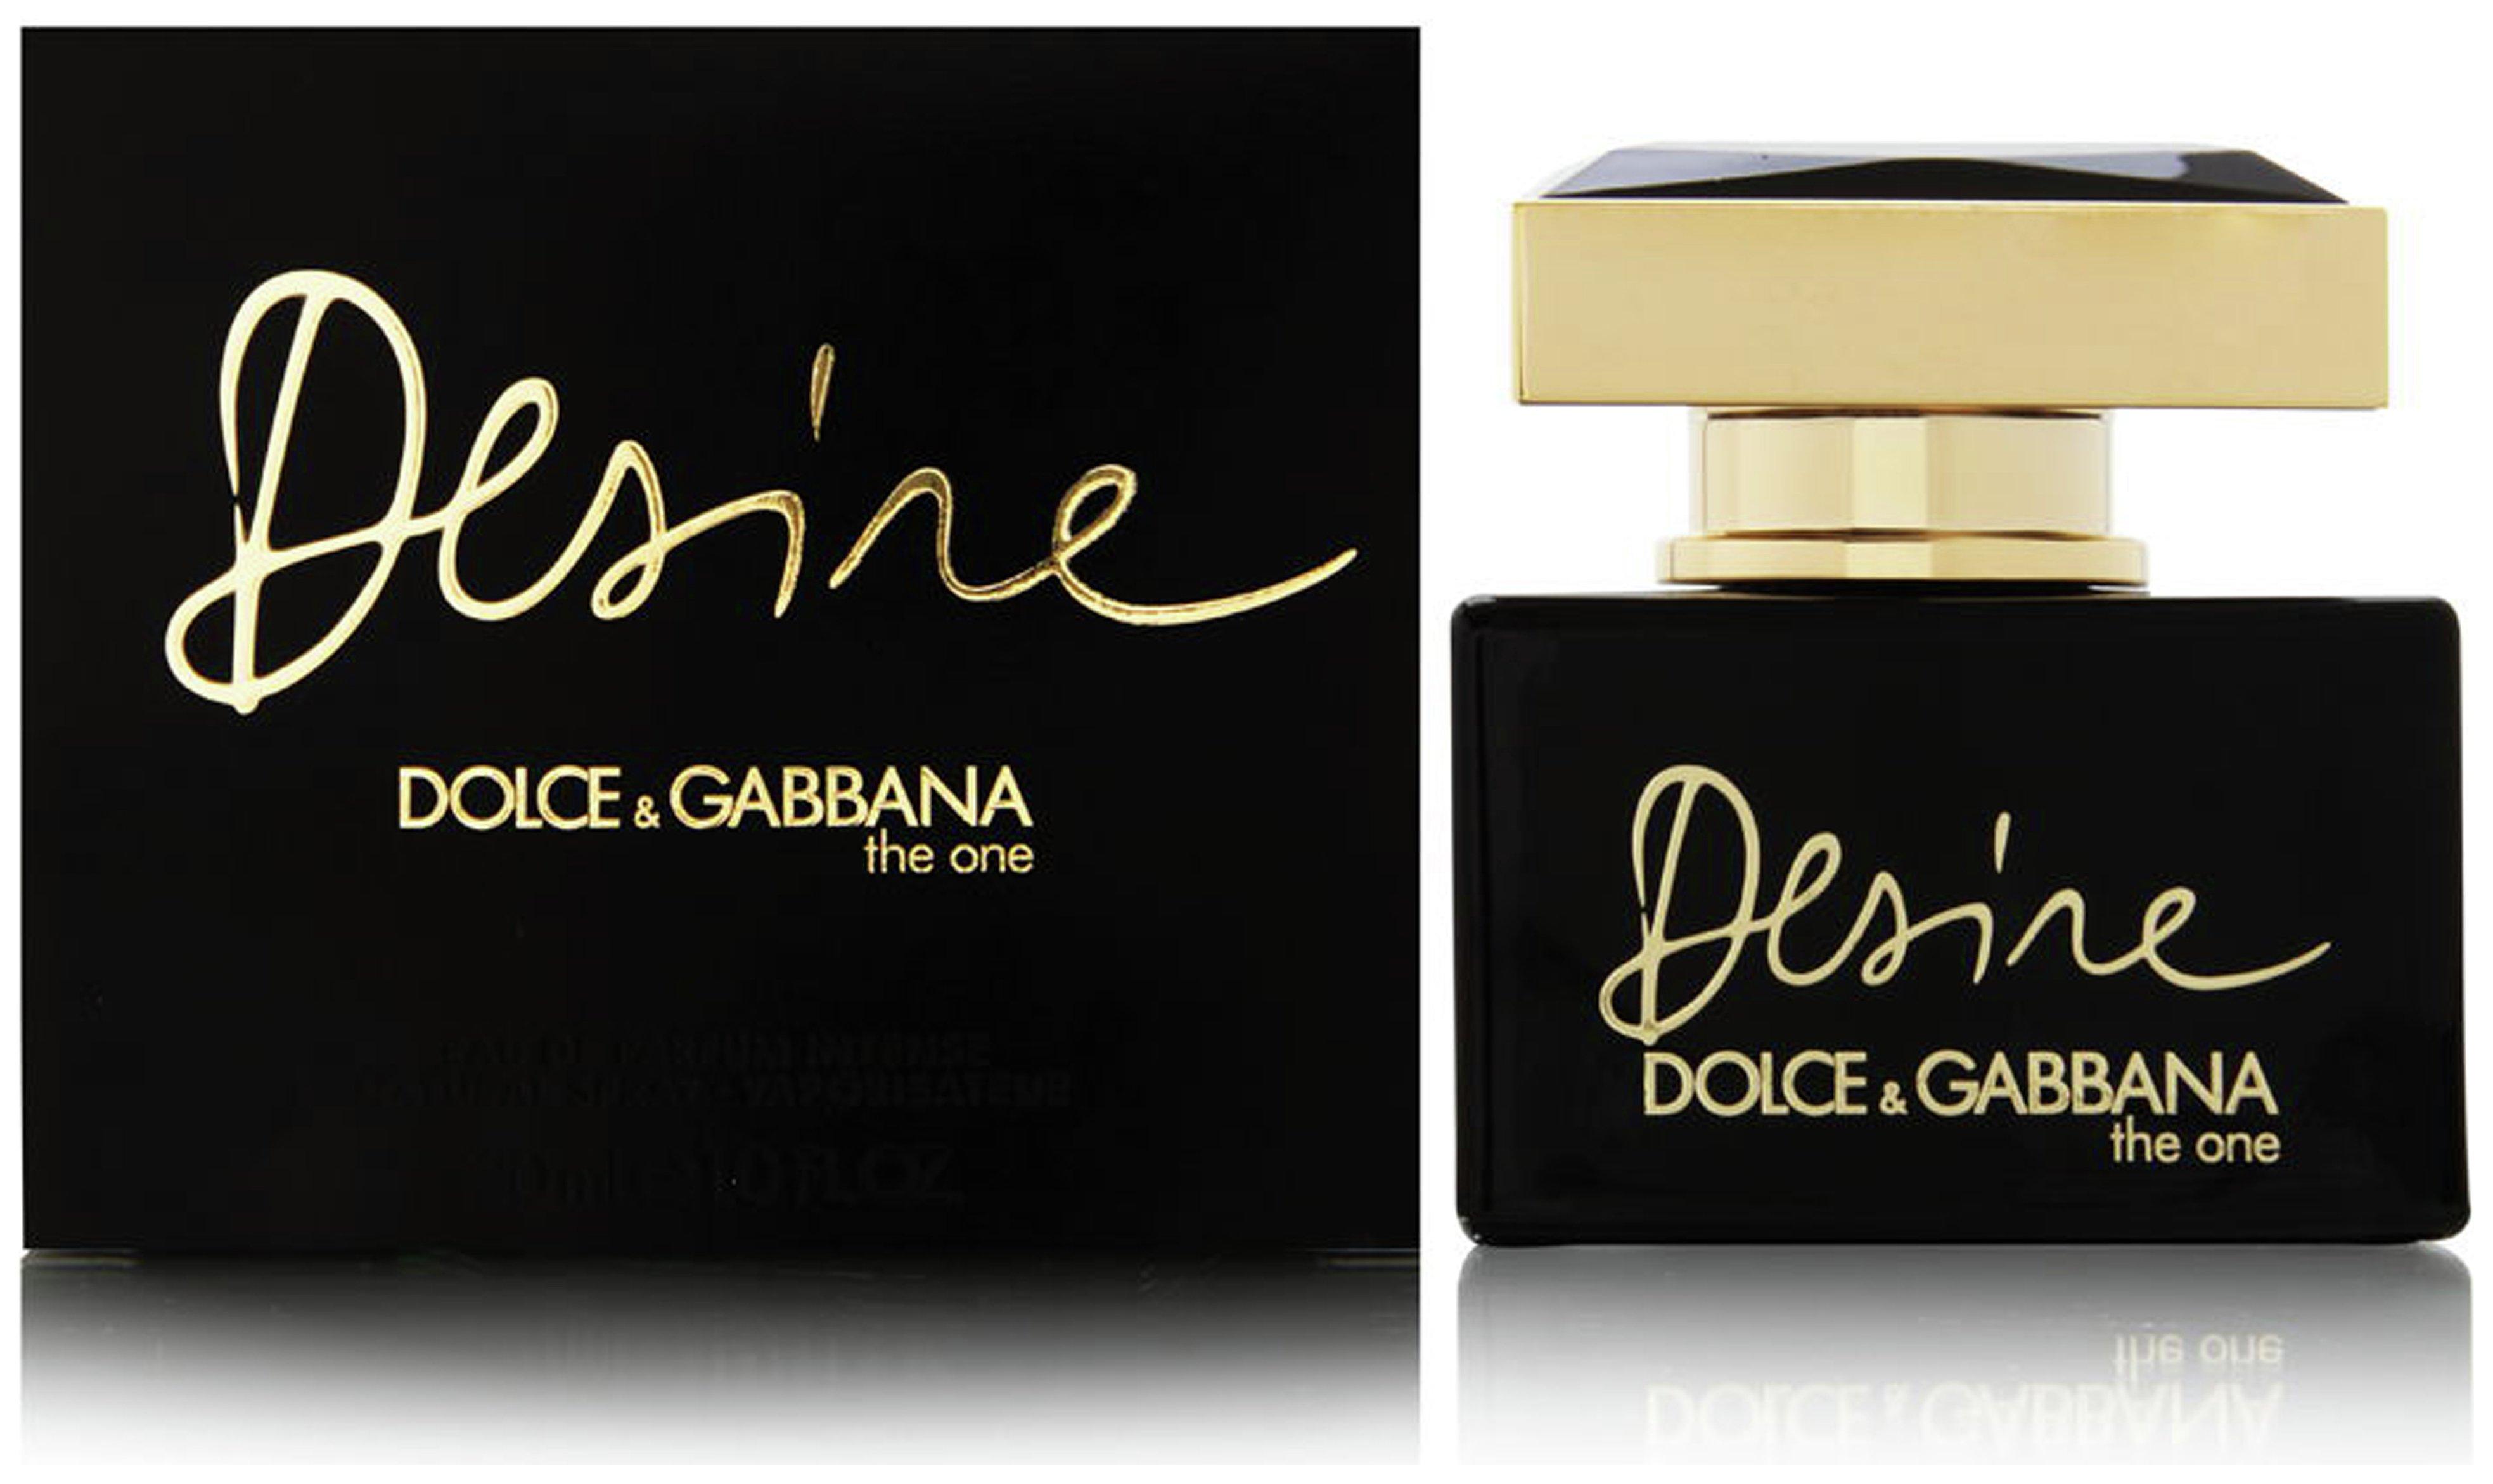 Desire Gabbana One Women Parfum Dolceamp; 50ml The De For Eau tCshdxQr